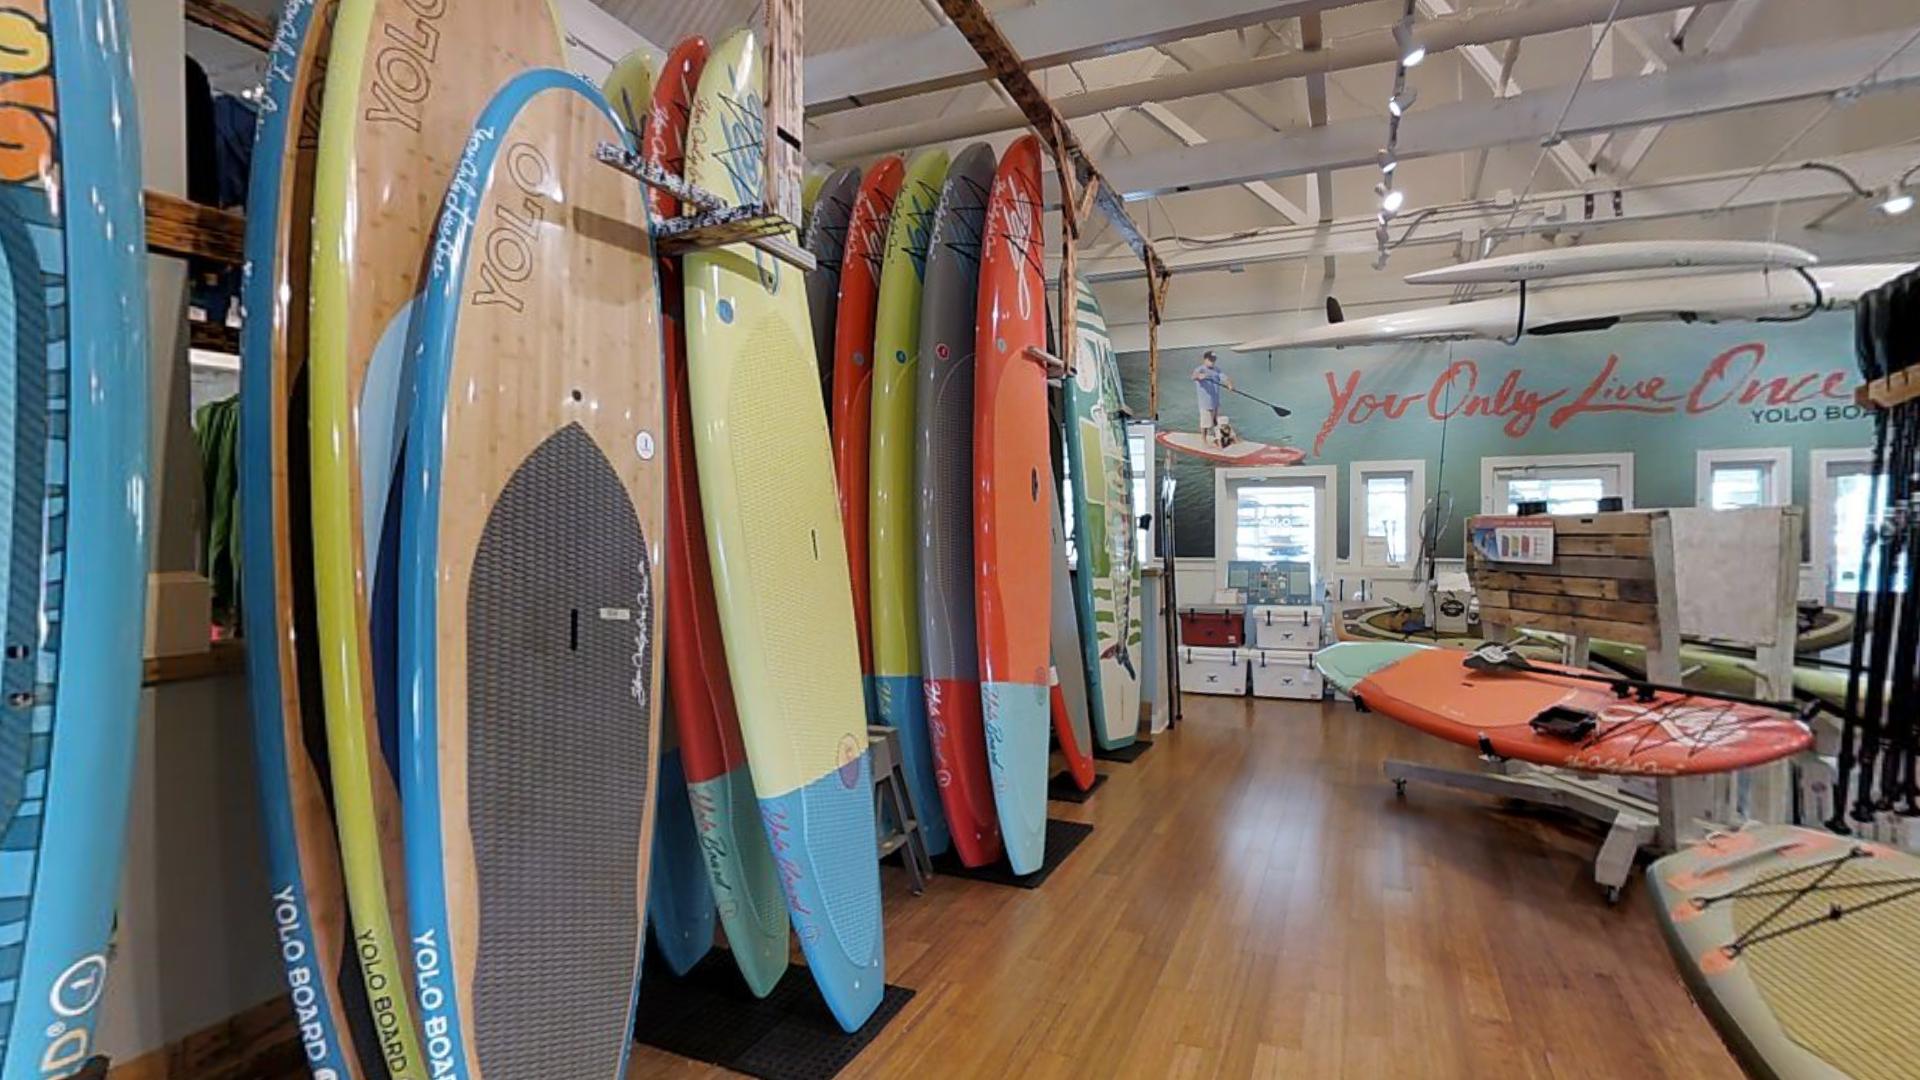 YOLO Board + Beach Store